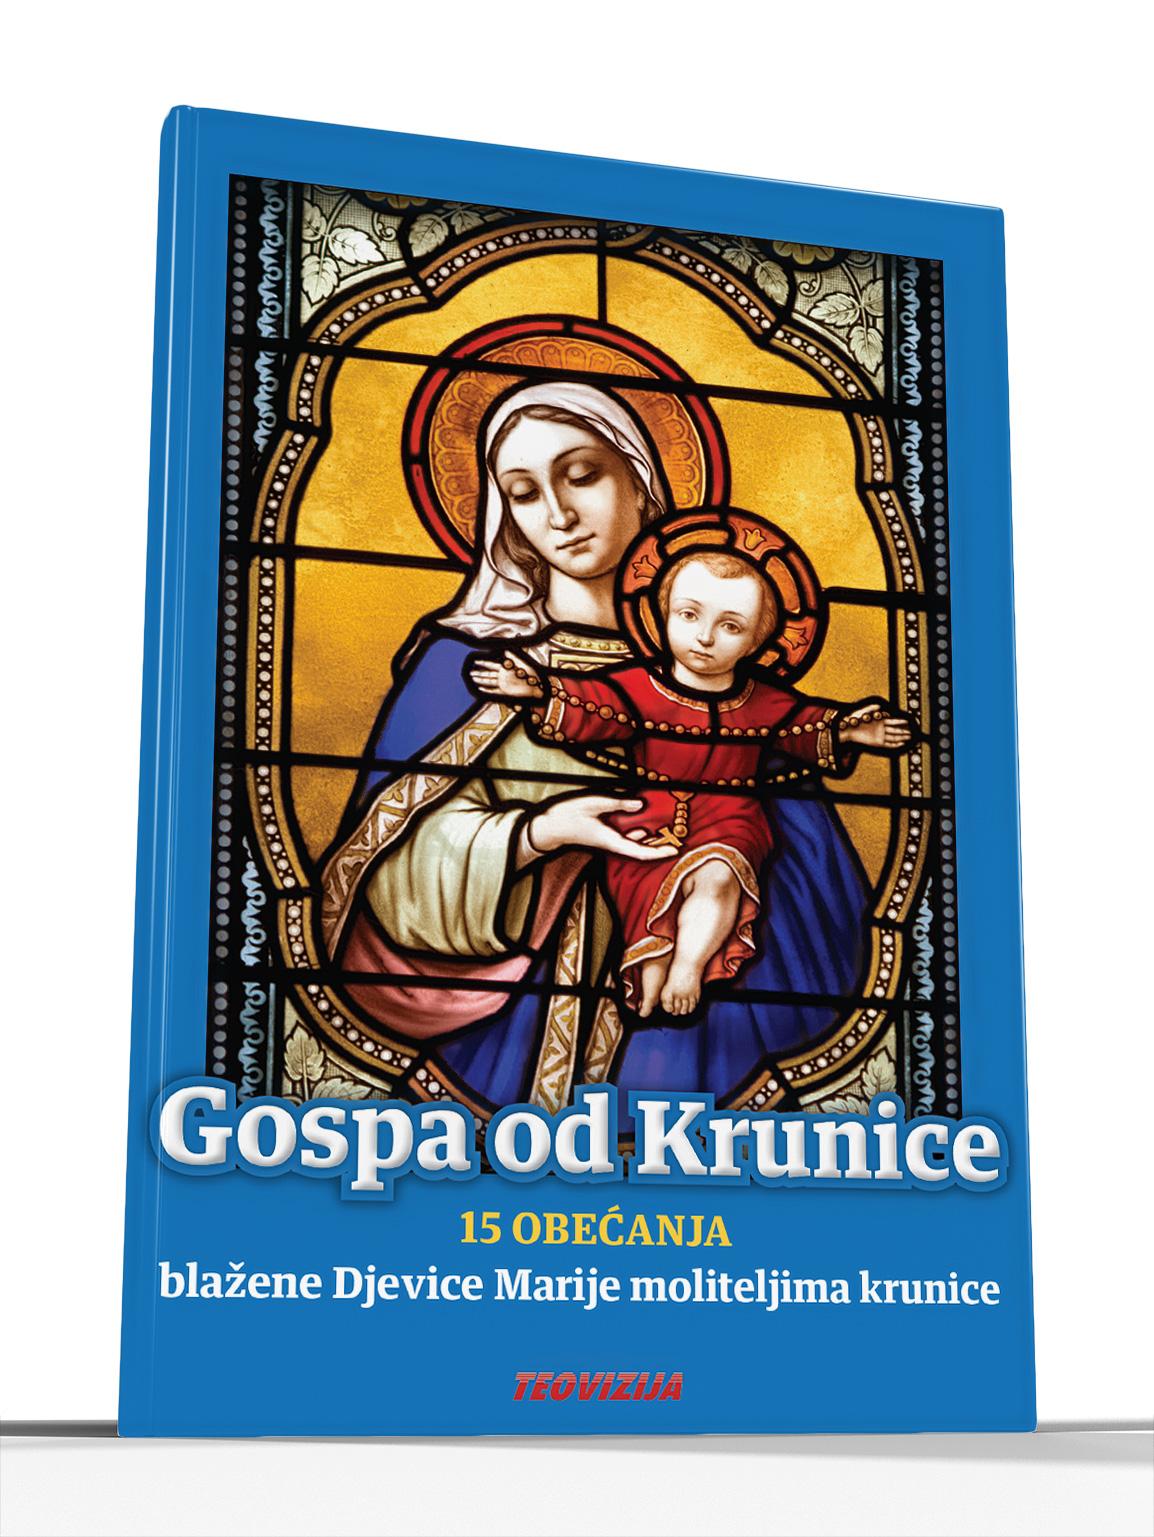 GOSPA OD KRUNICE - 15 obećanja Blažene Djevice Marije moliteljima krunice